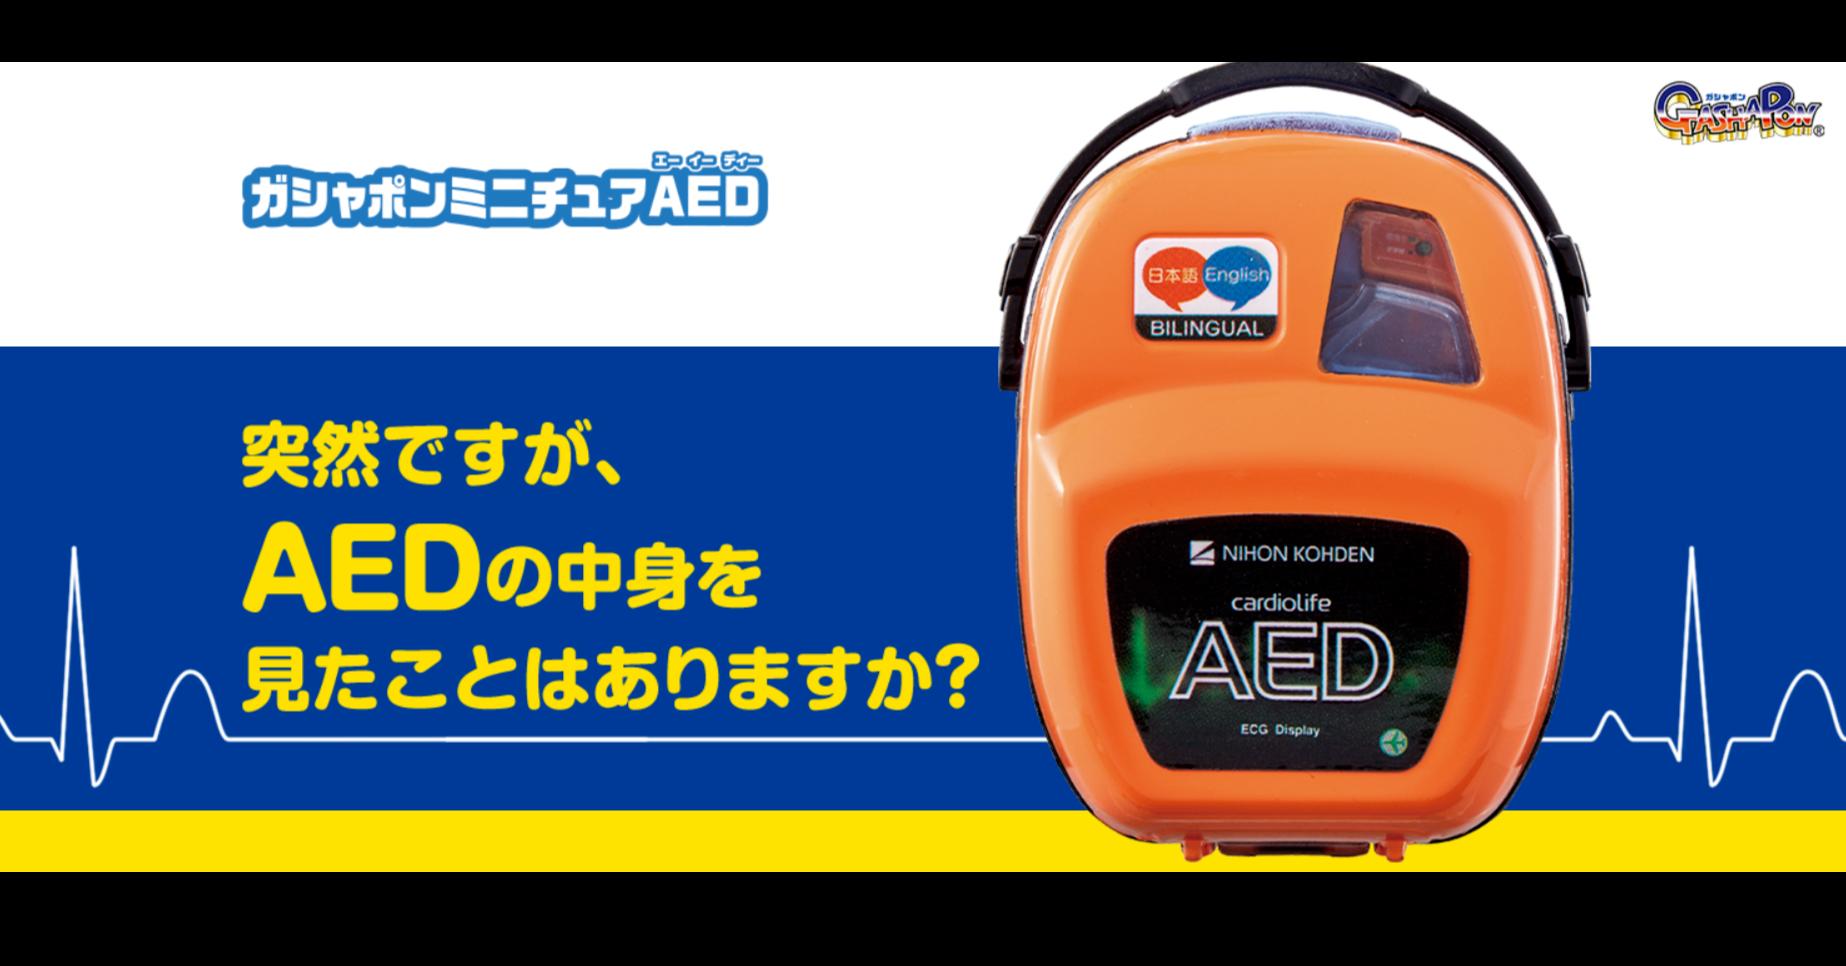 照片中提到了DポンミニチュAED、日本語Englis)、BILINGUAL,包含了松本龍、產品設計、牌、產品、儀表